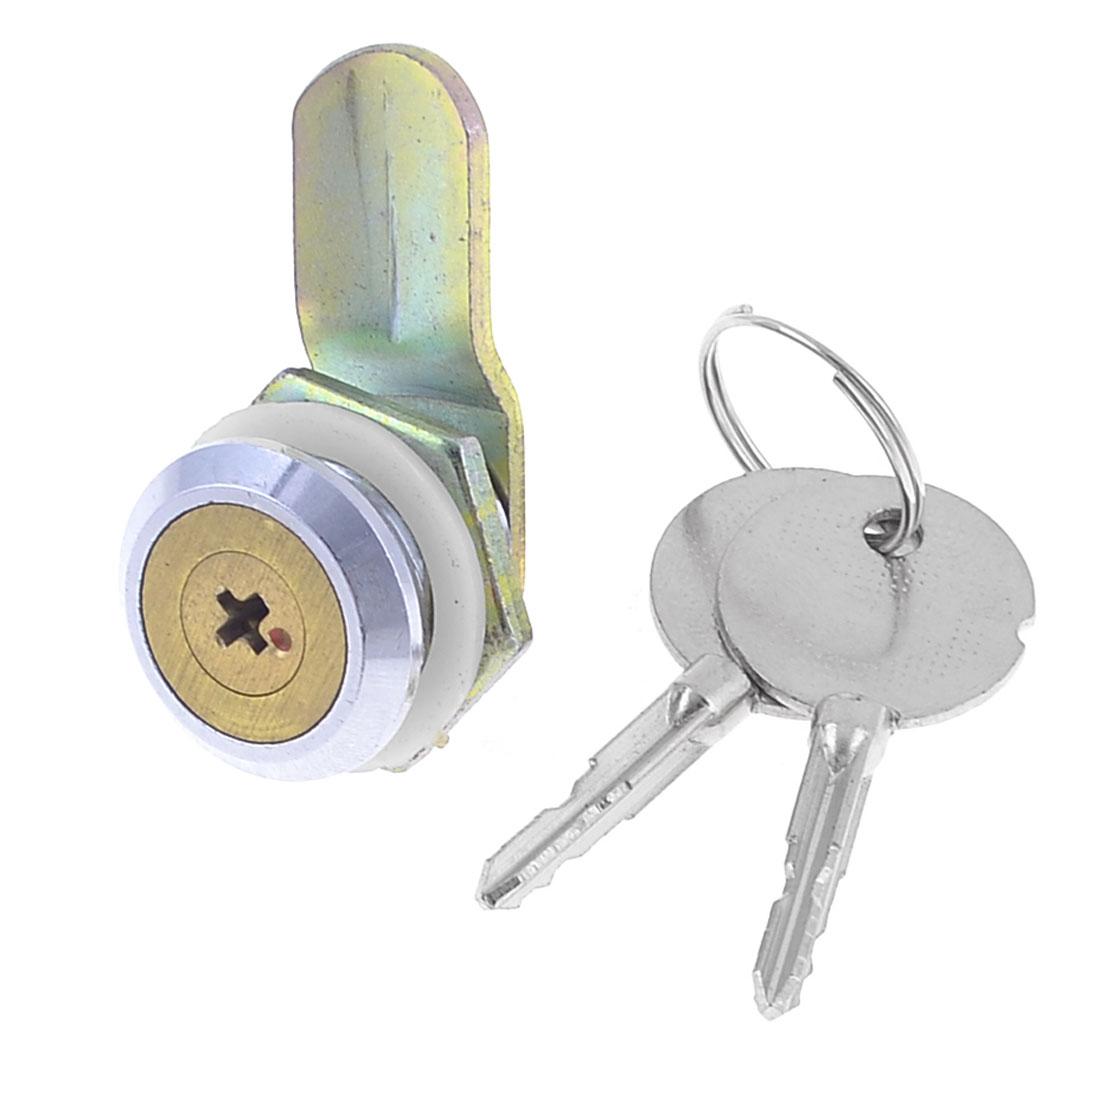 Drawer File Cabinet Locking 18mm Dia Thread Cylinder Cam Lock w Key